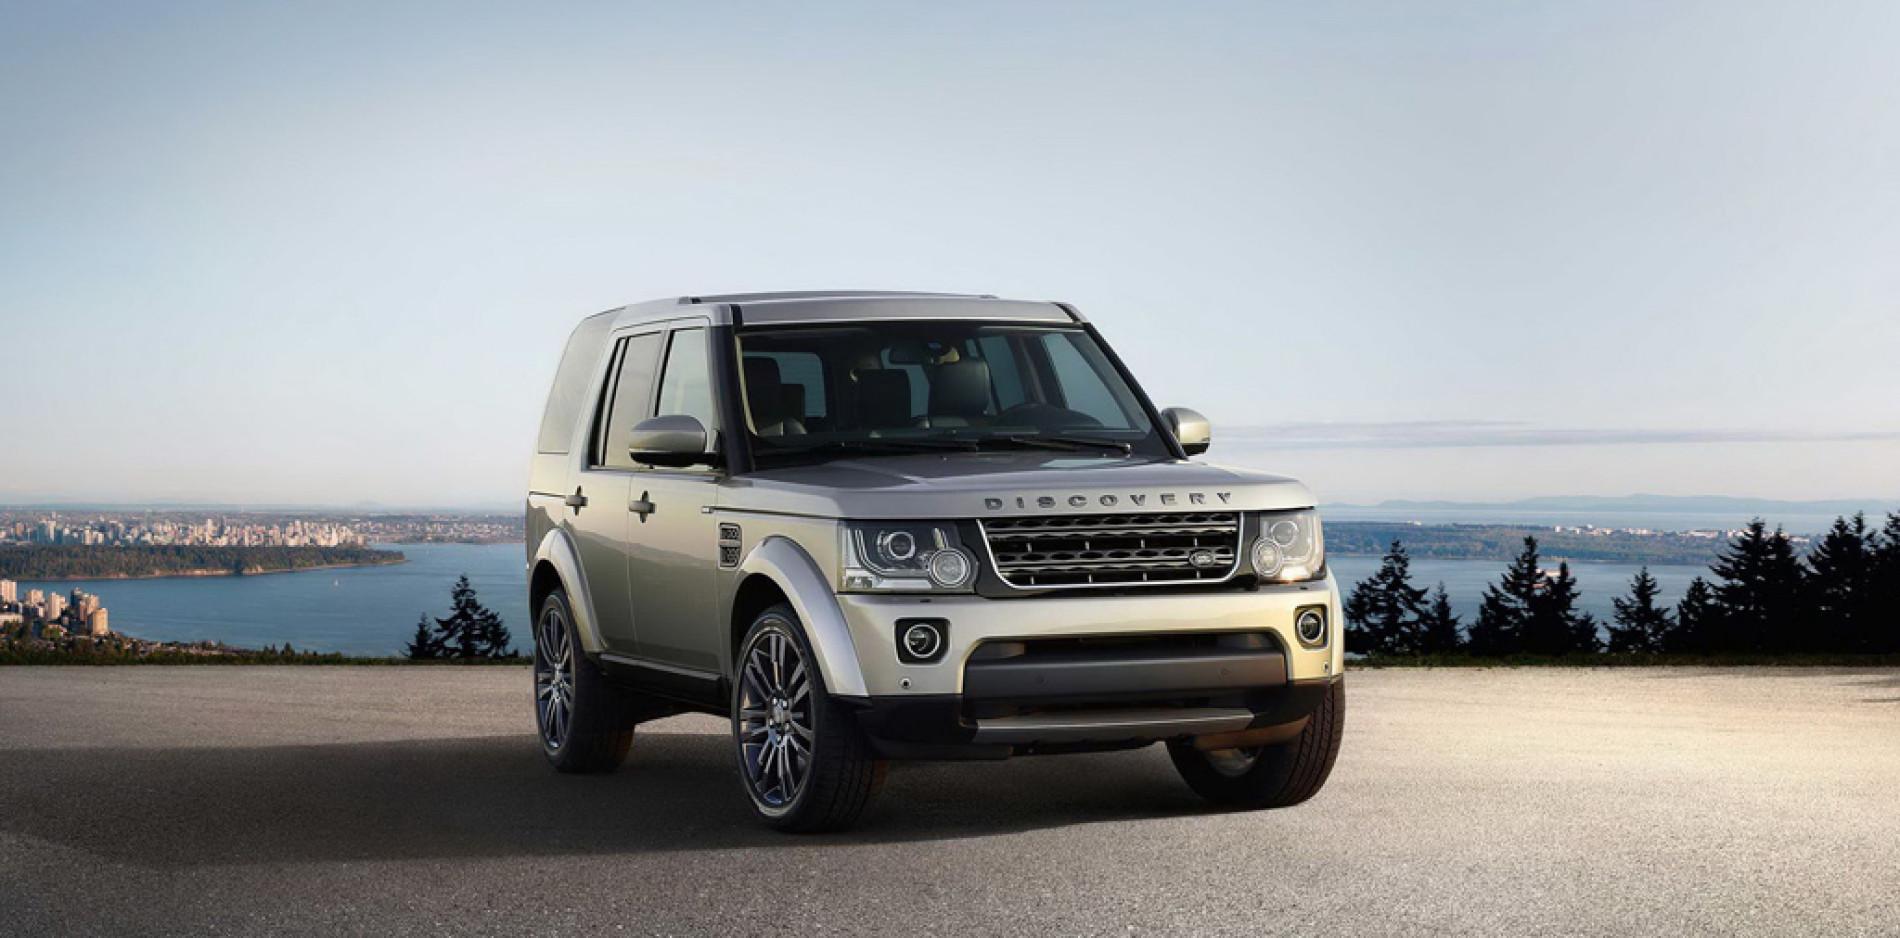 Edición limitada Land Rover Discovery 4 Graphite